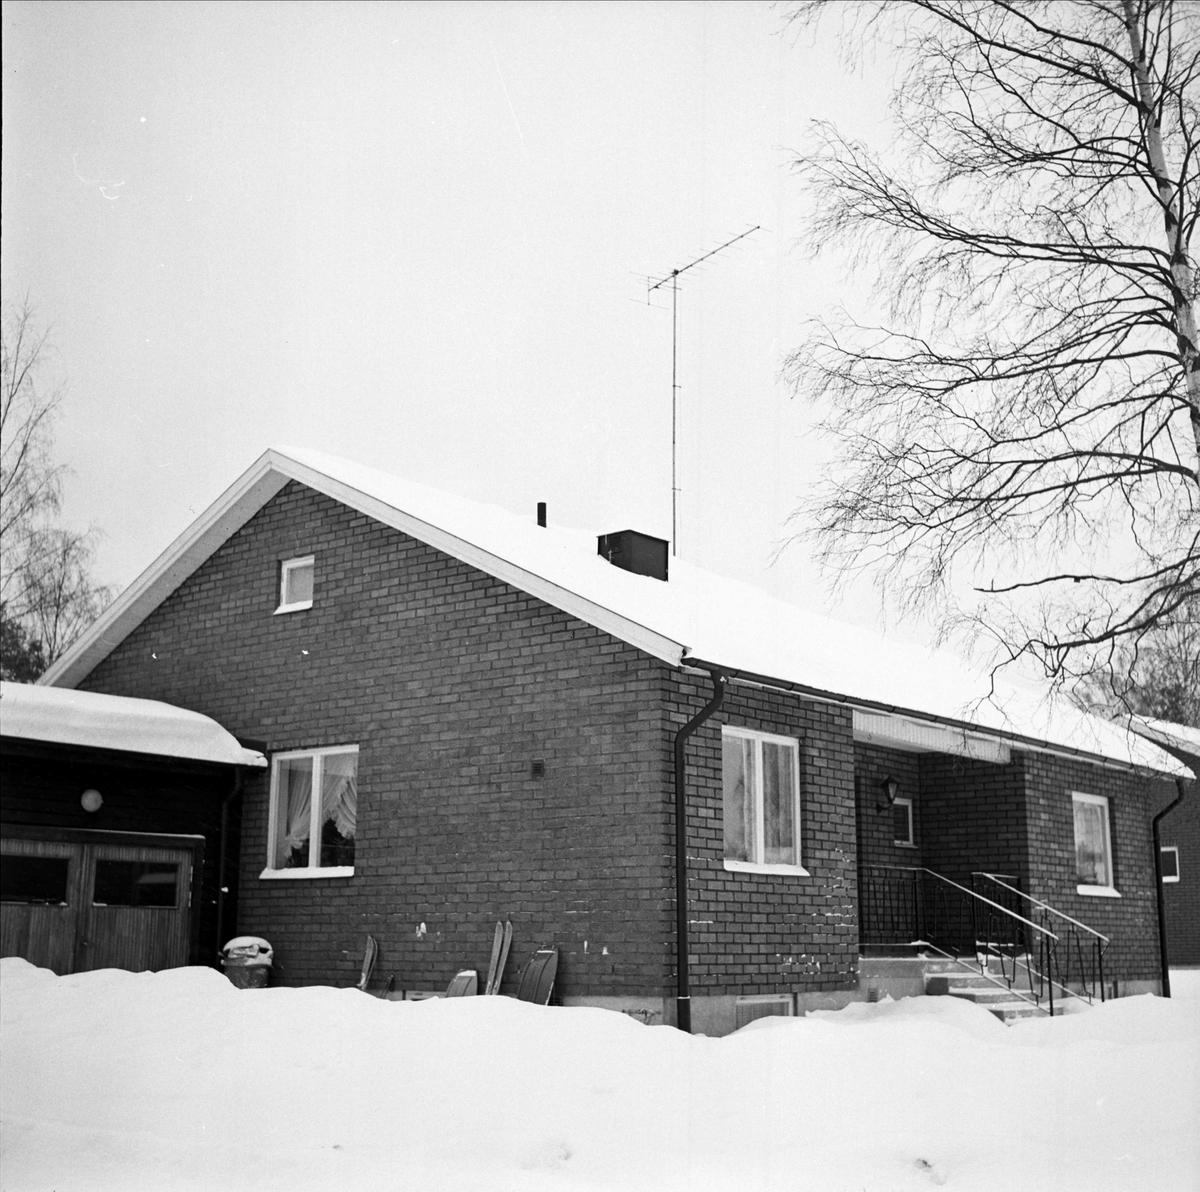 Villa, sannolikt i Söderfors, Uppland 1967